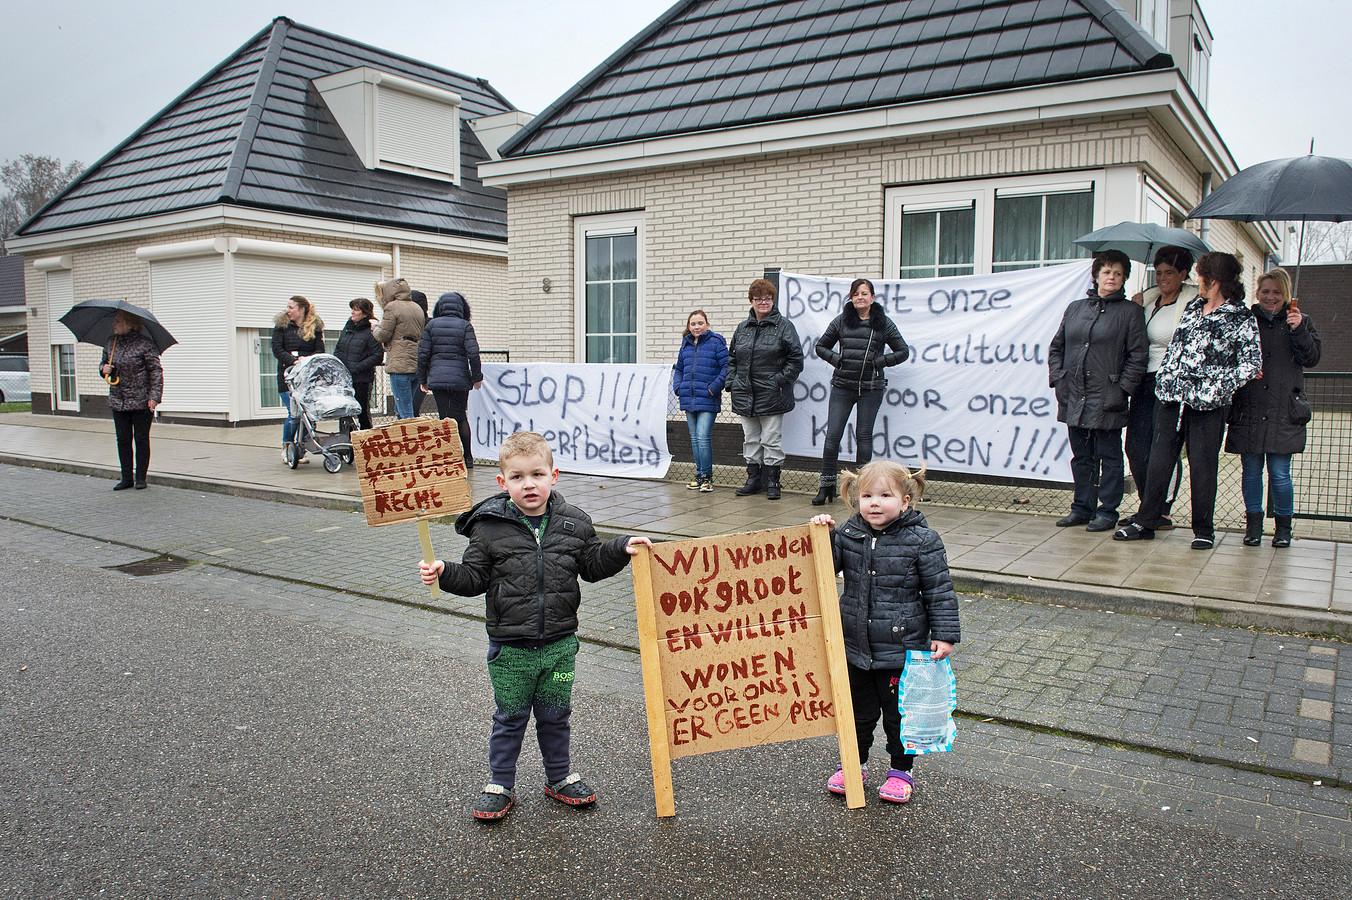 Bewoners van het deels 'versteende' woonwagenkamp Teersdijk willen meer standplaatsen op een direct aangrenzend terrein.